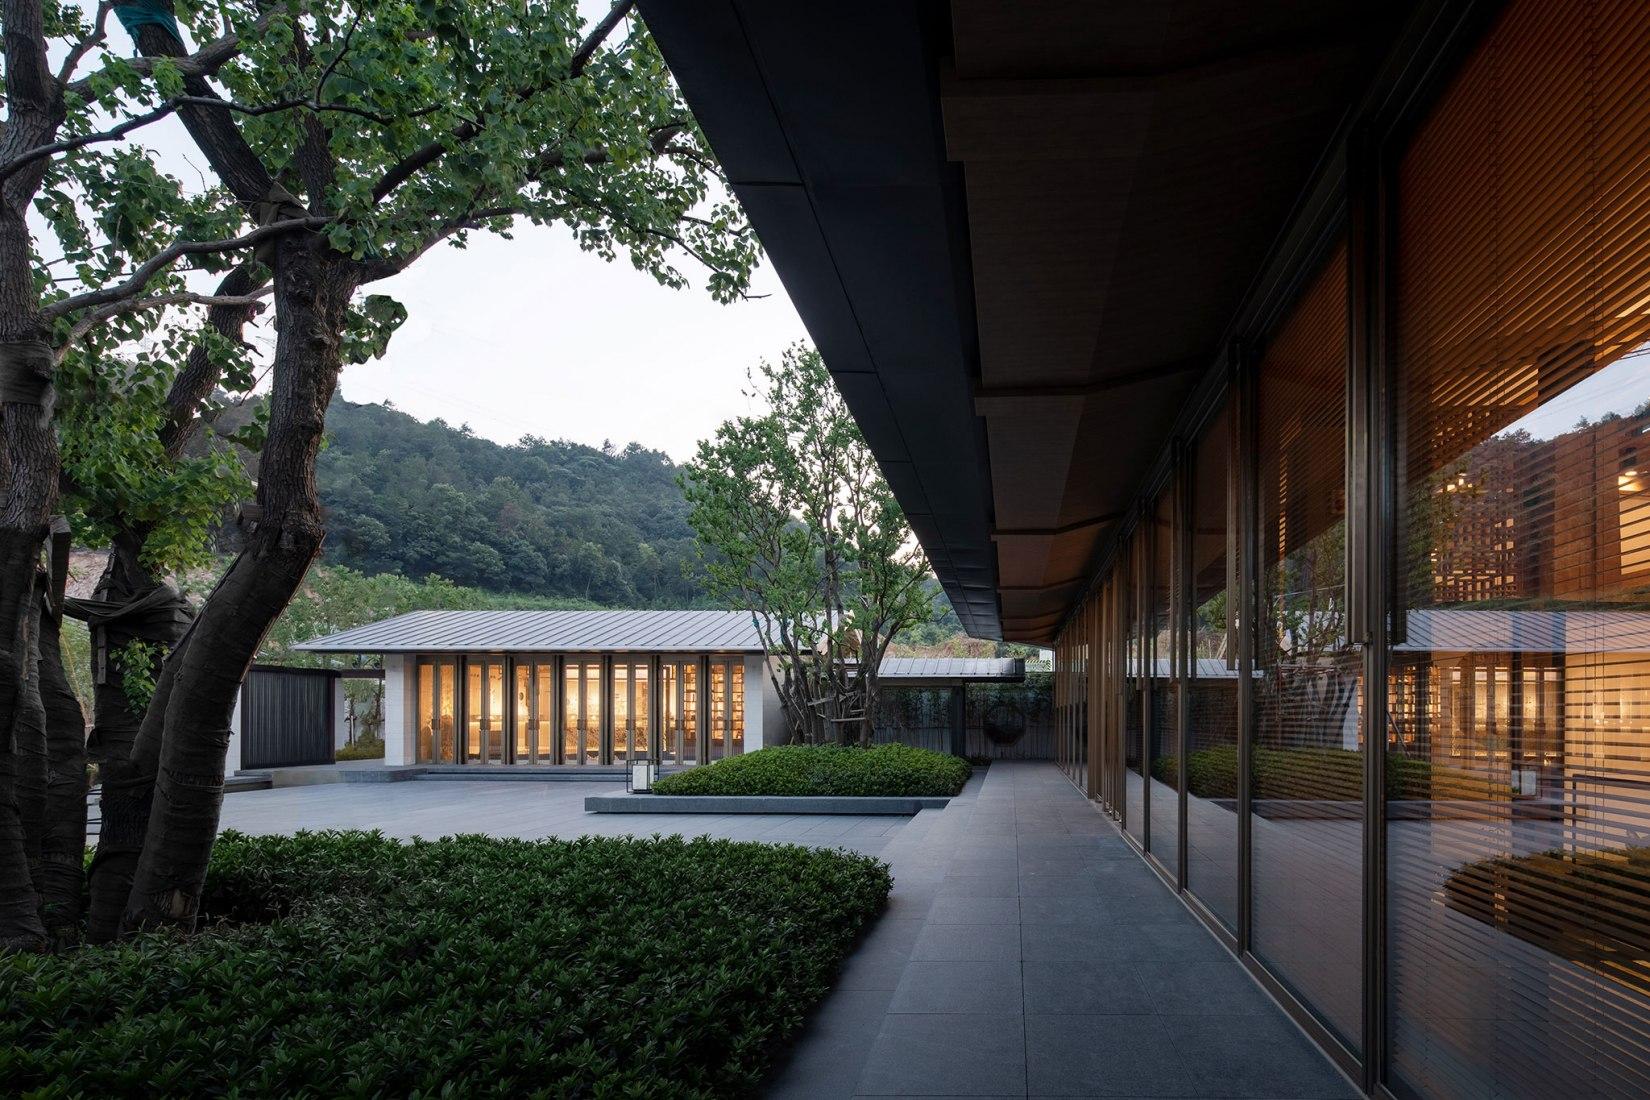 Residencia de montaña Deqing por Lacime Arquitectos. Fotografía por Schran Images.